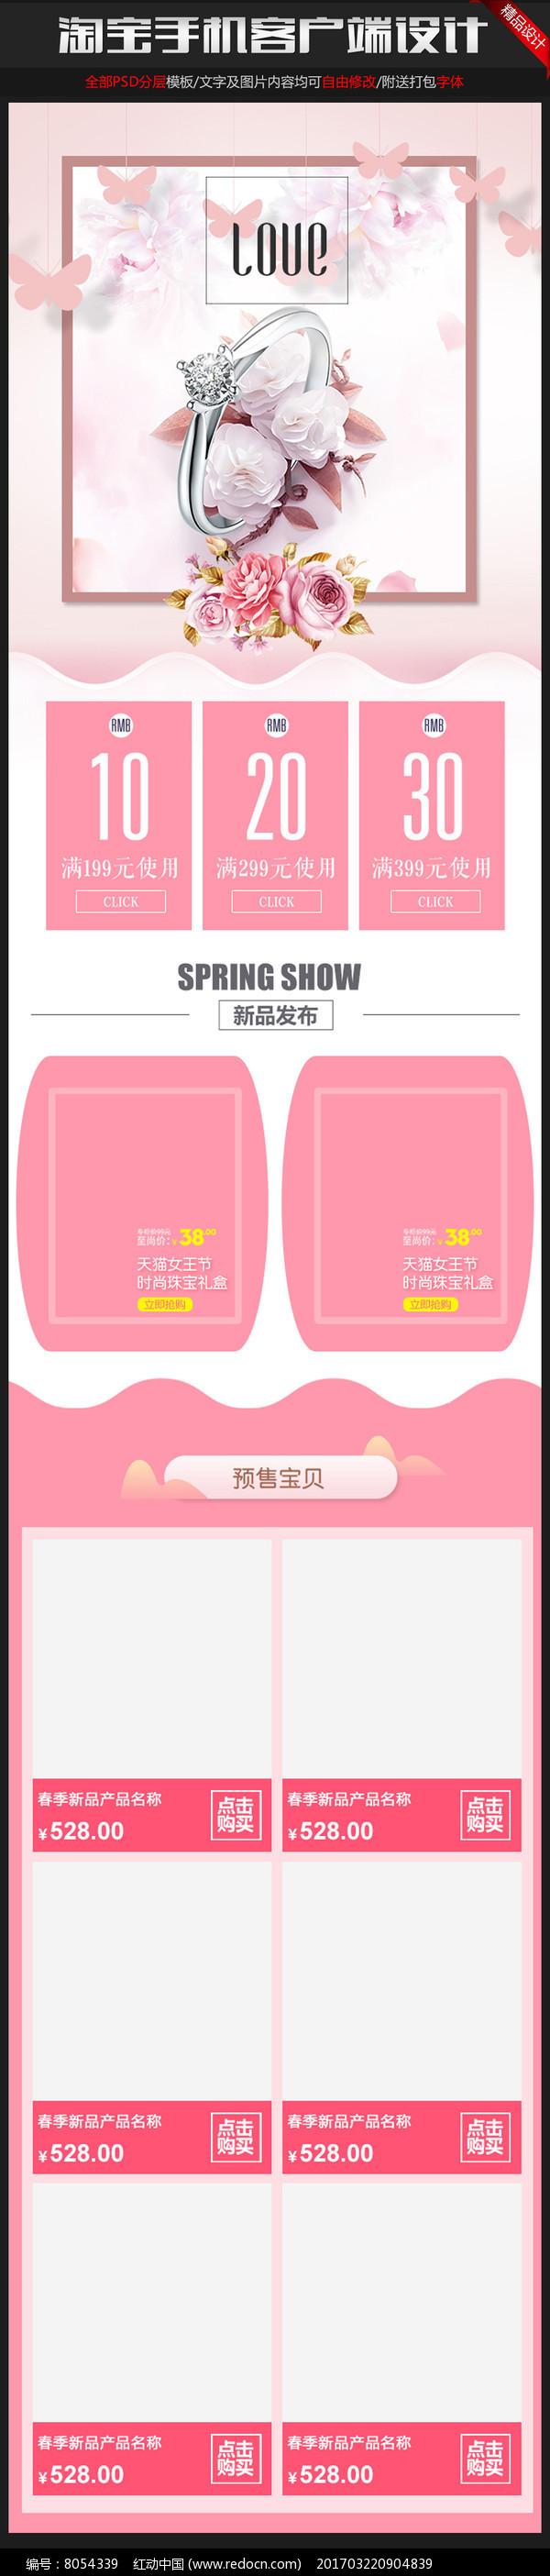 淘宝春季上新珠宝饰品手机端首页图片